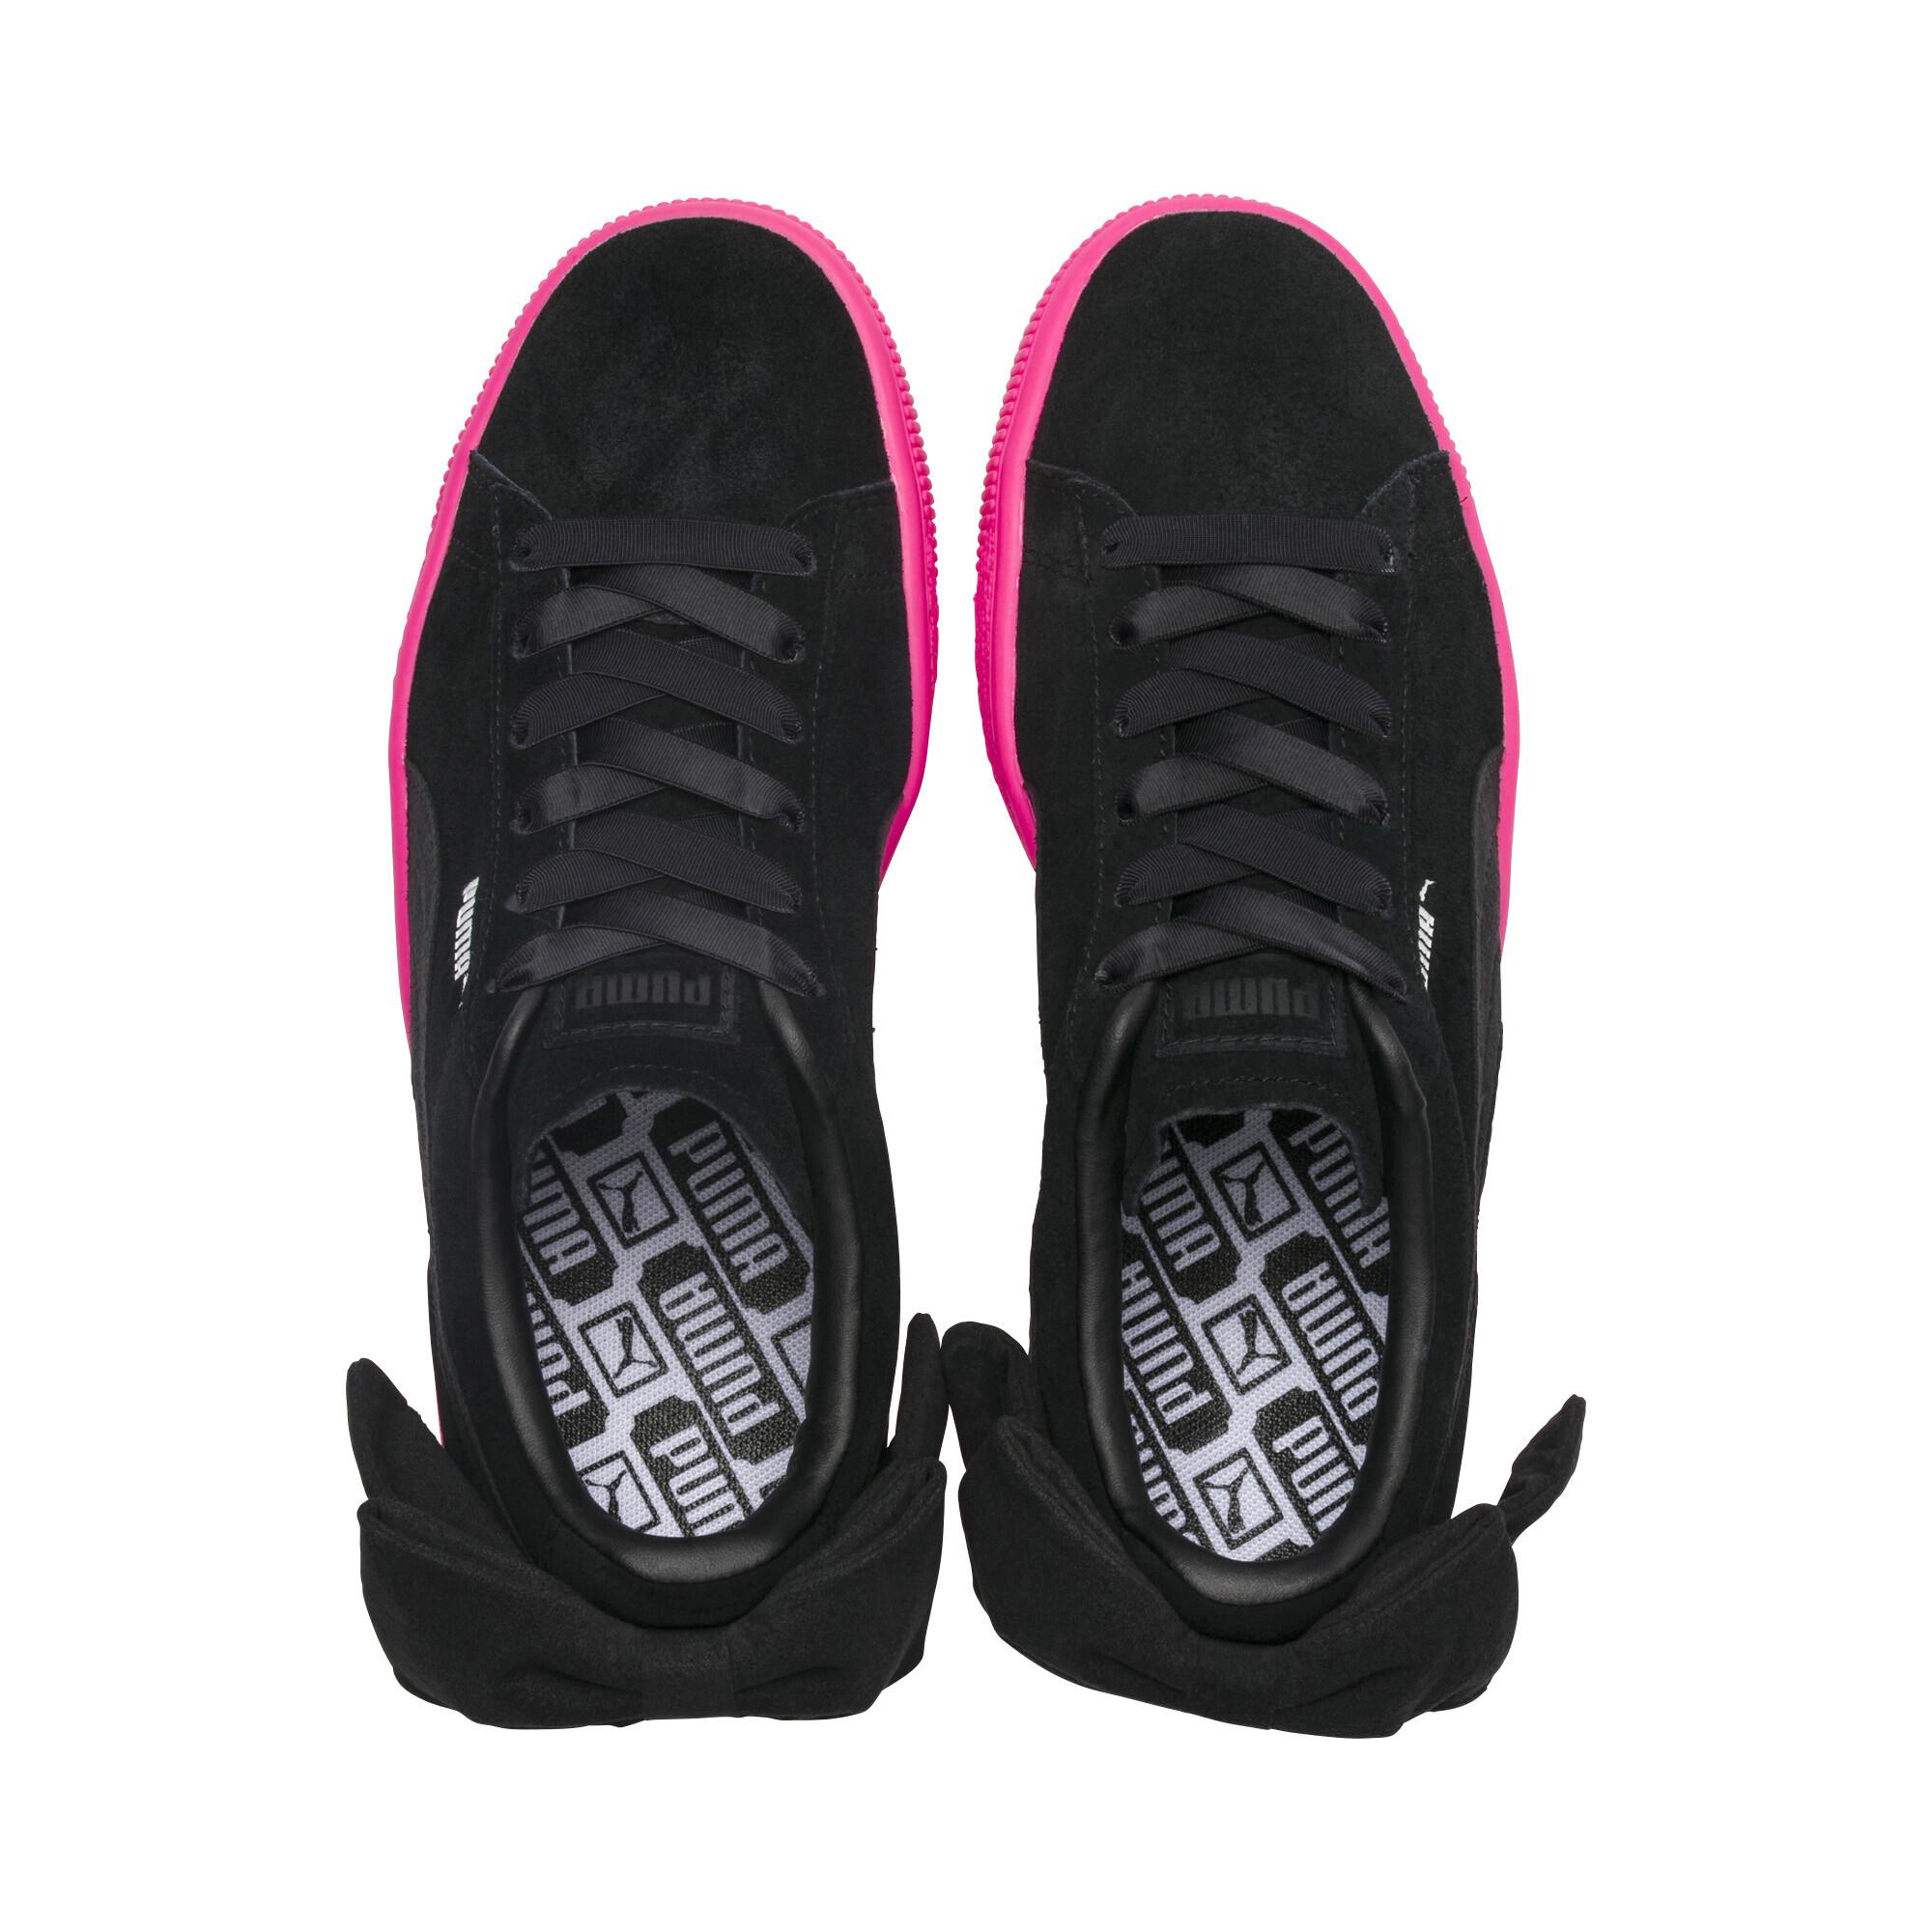 PUMA-Suede-Bow-Block-Damen-Sneaker-Frauen-Schuhe-Sport-Classics-Neu Indexbild 7